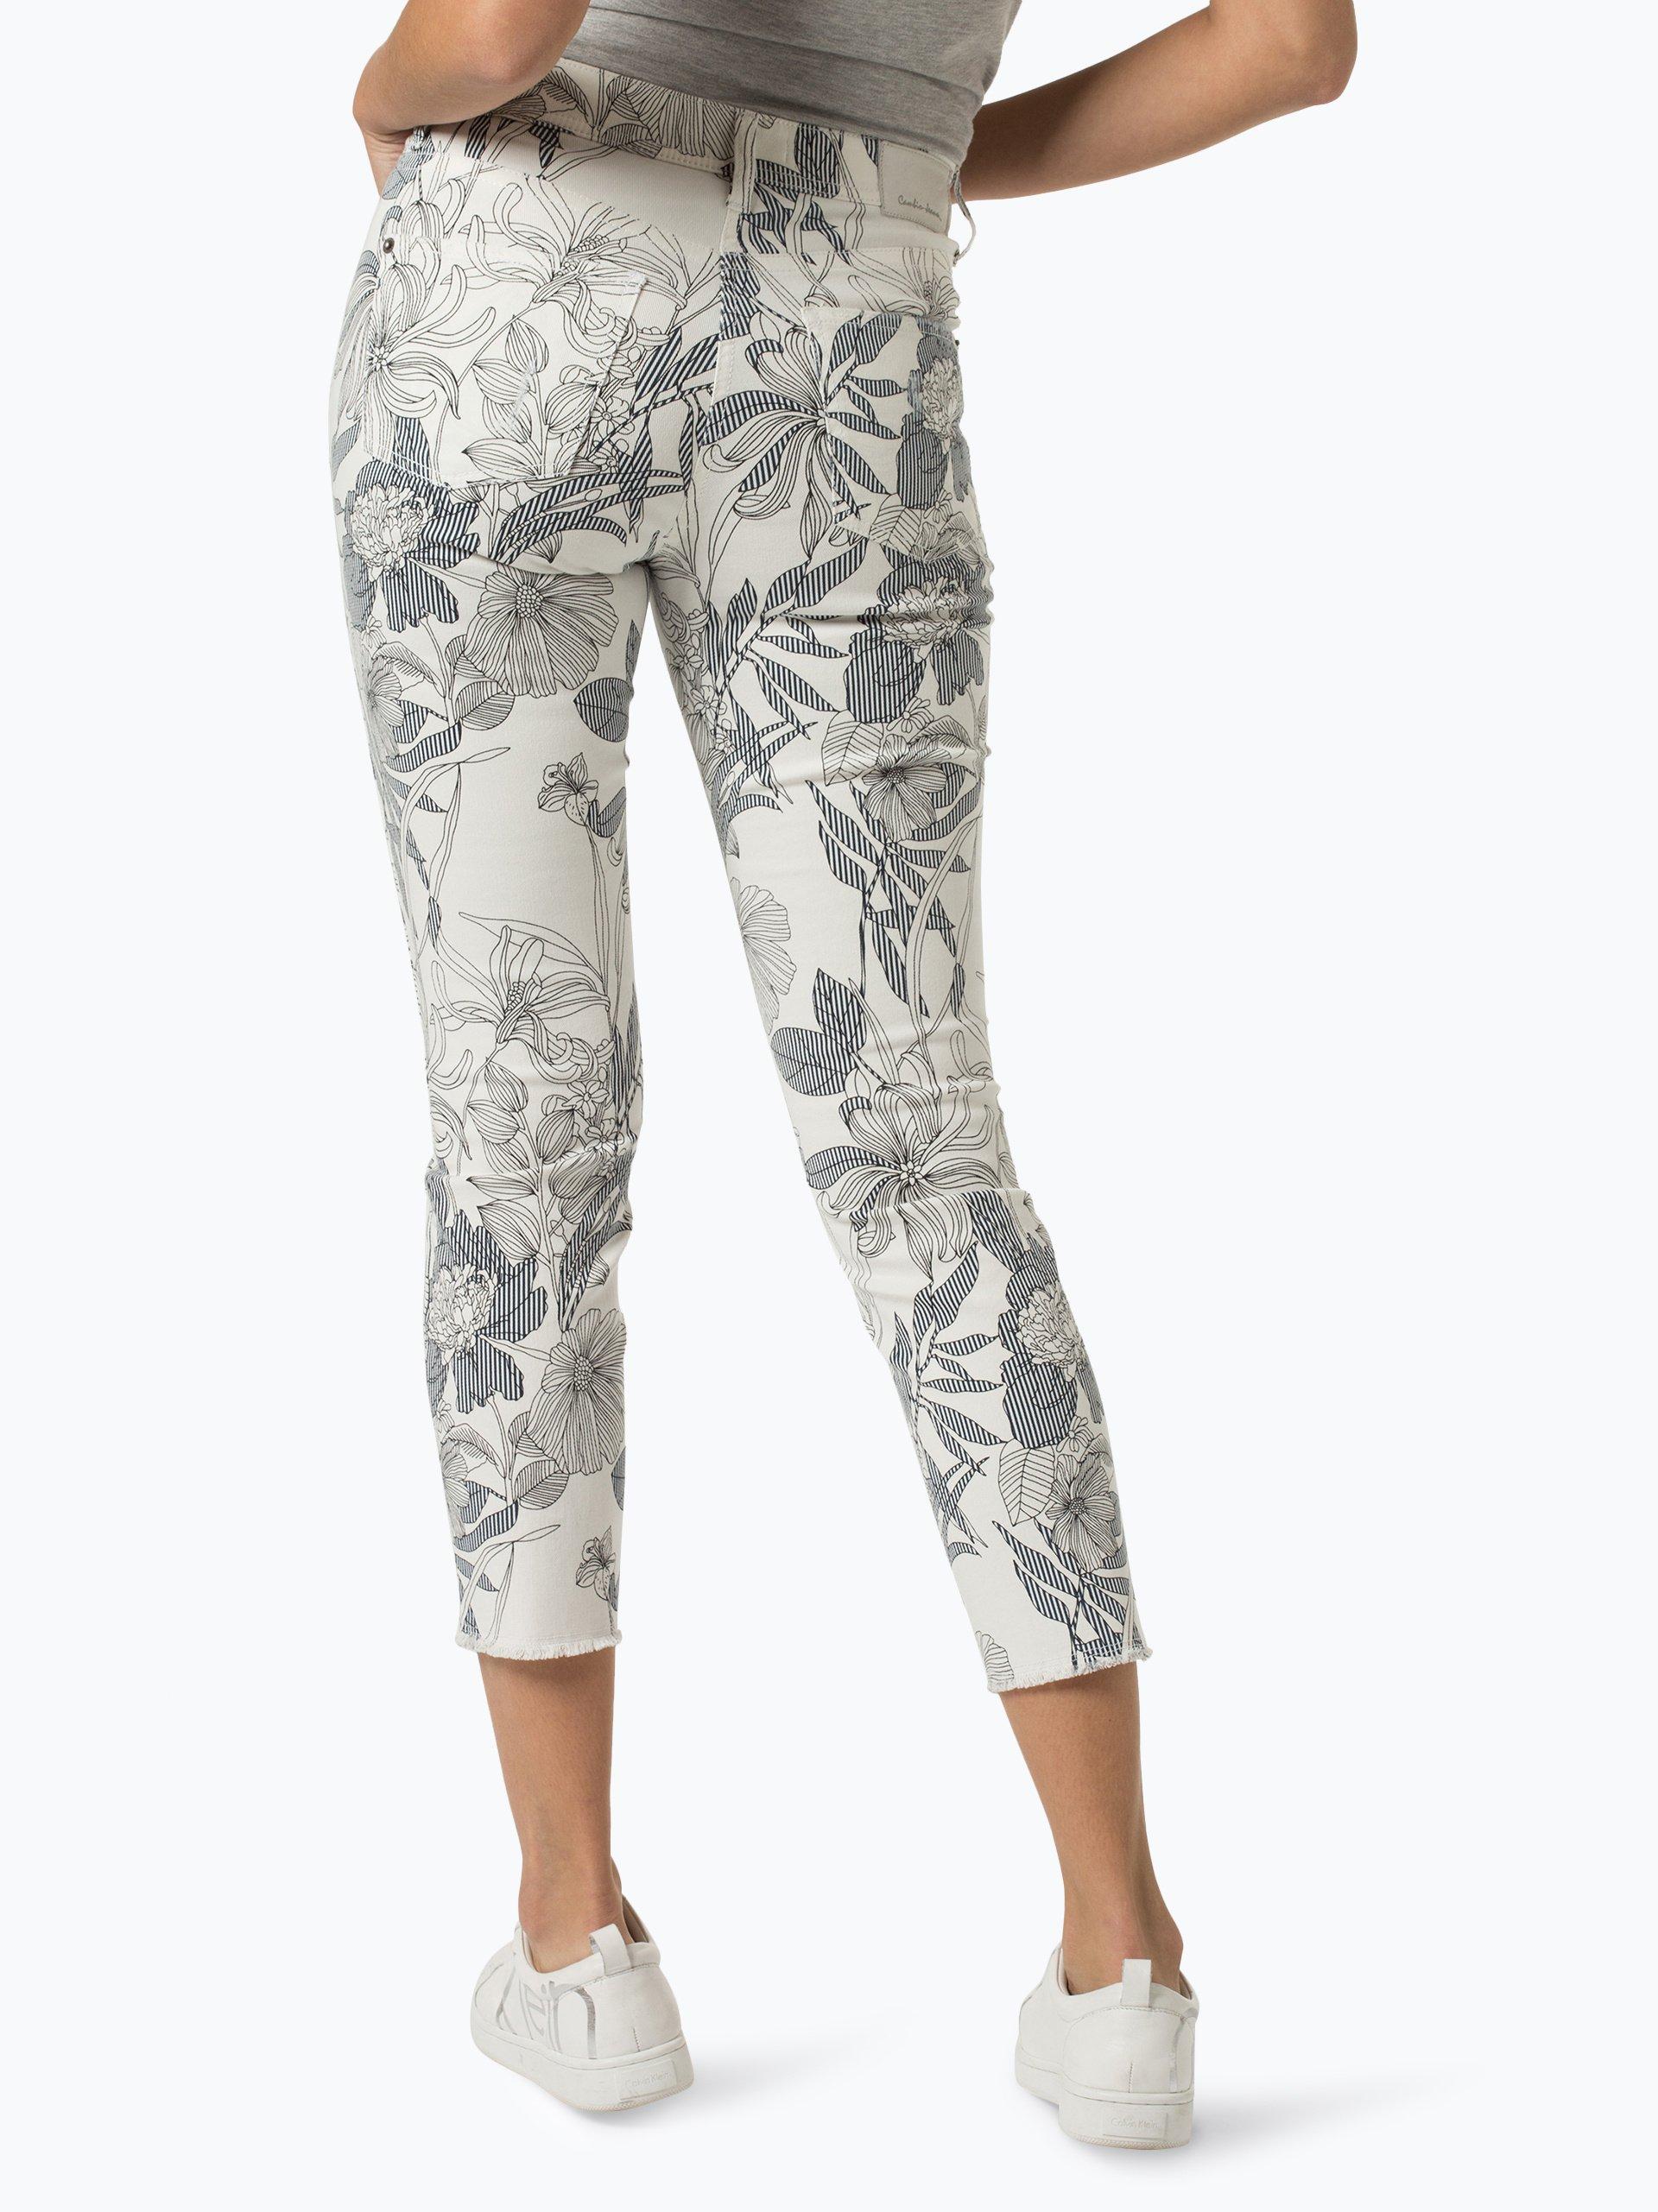 cambio damen jeans parla wei gemustert online kaufen peek und cloppenburg de. Black Bedroom Furniture Sets. Home Design Ideas